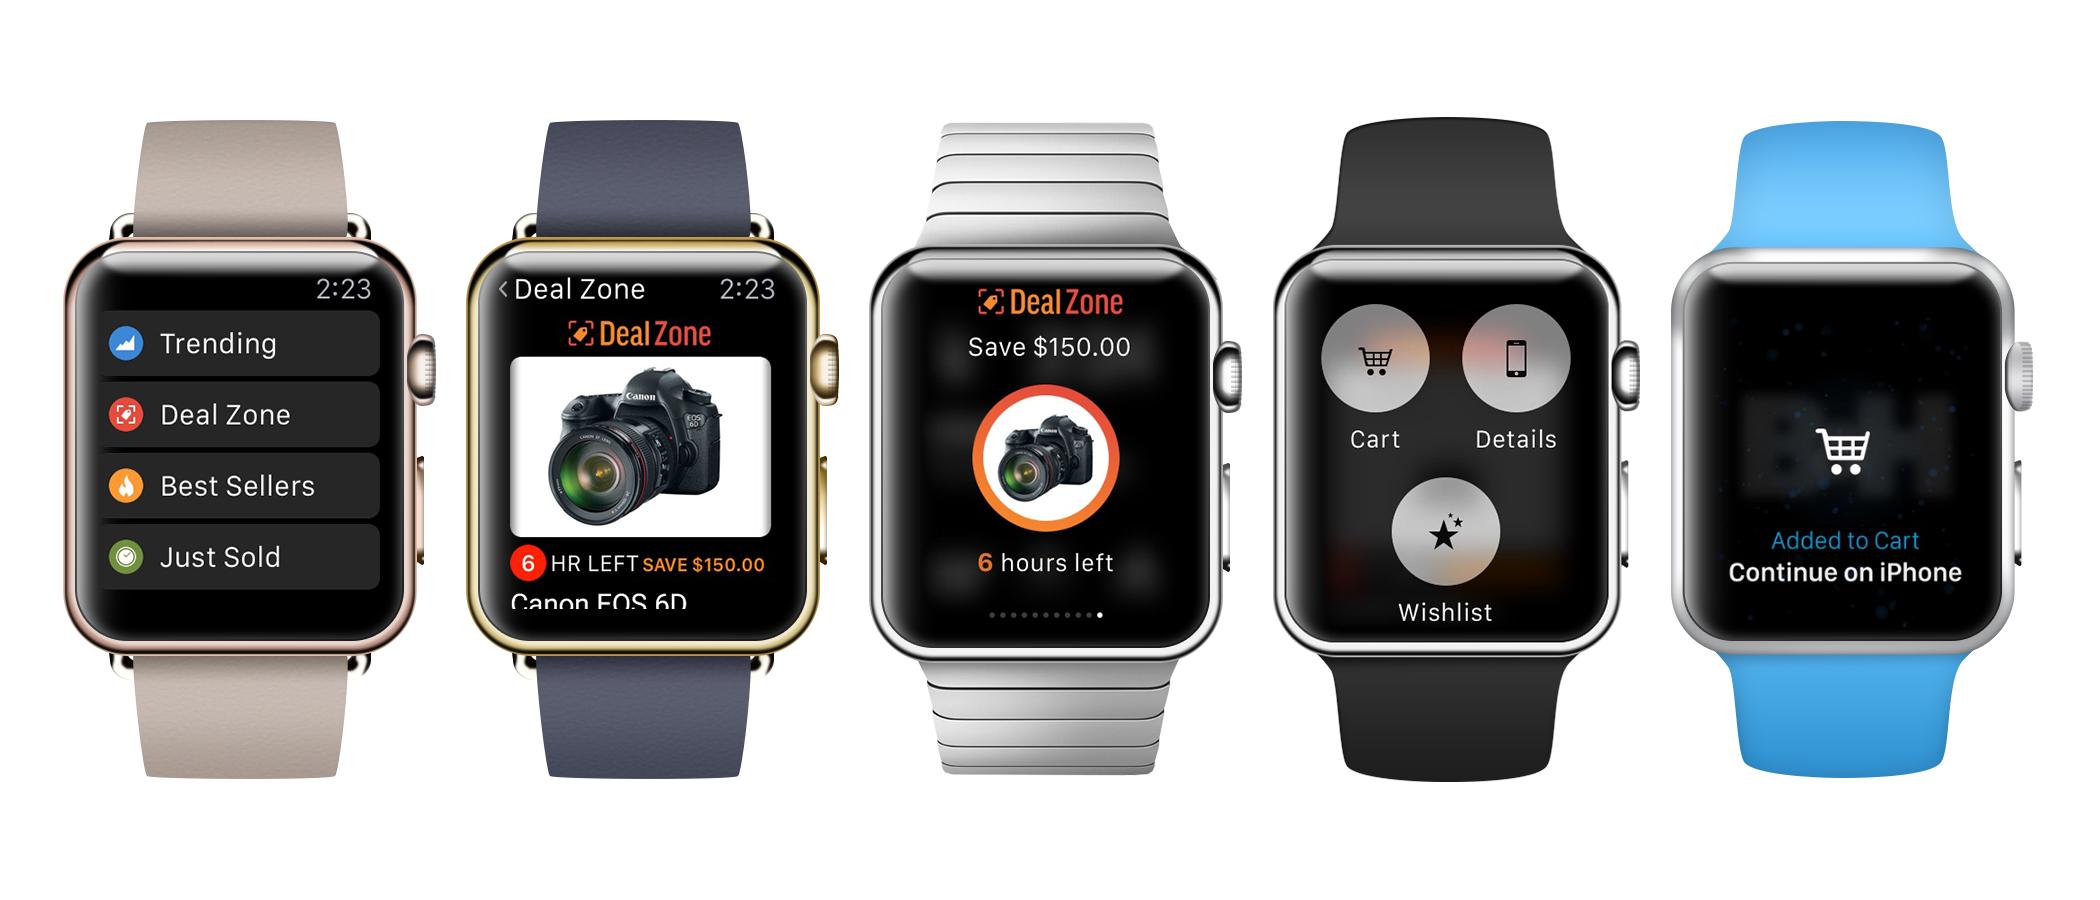 apple-watch-screenshots